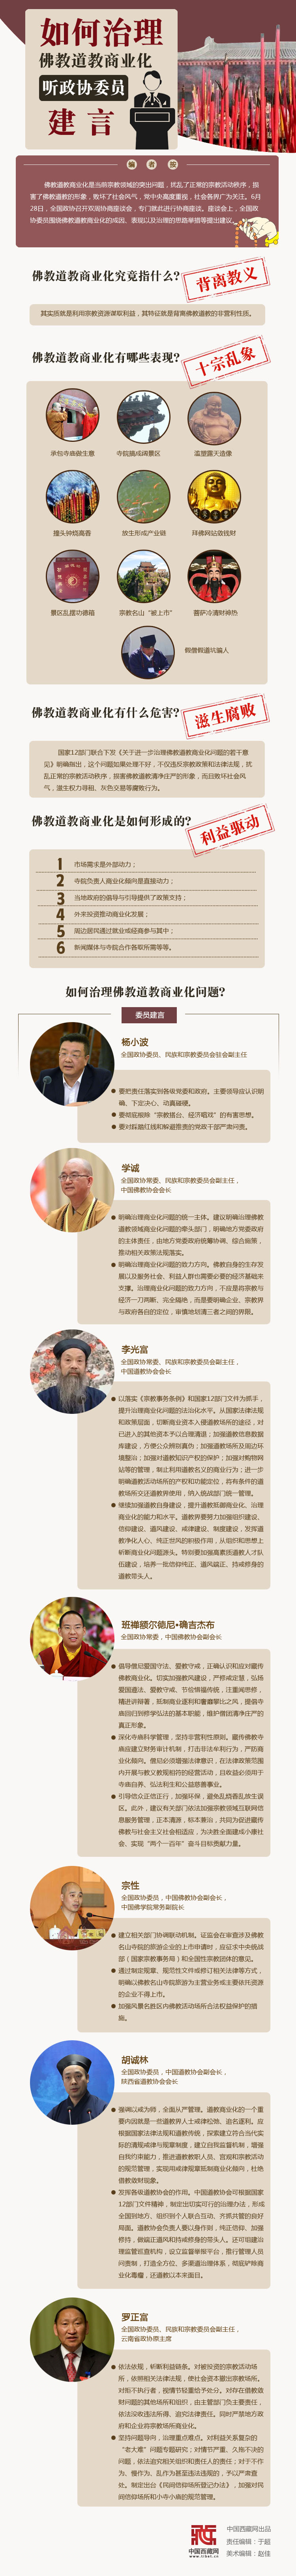 如何治理佛教道教商业化听政协委员建言